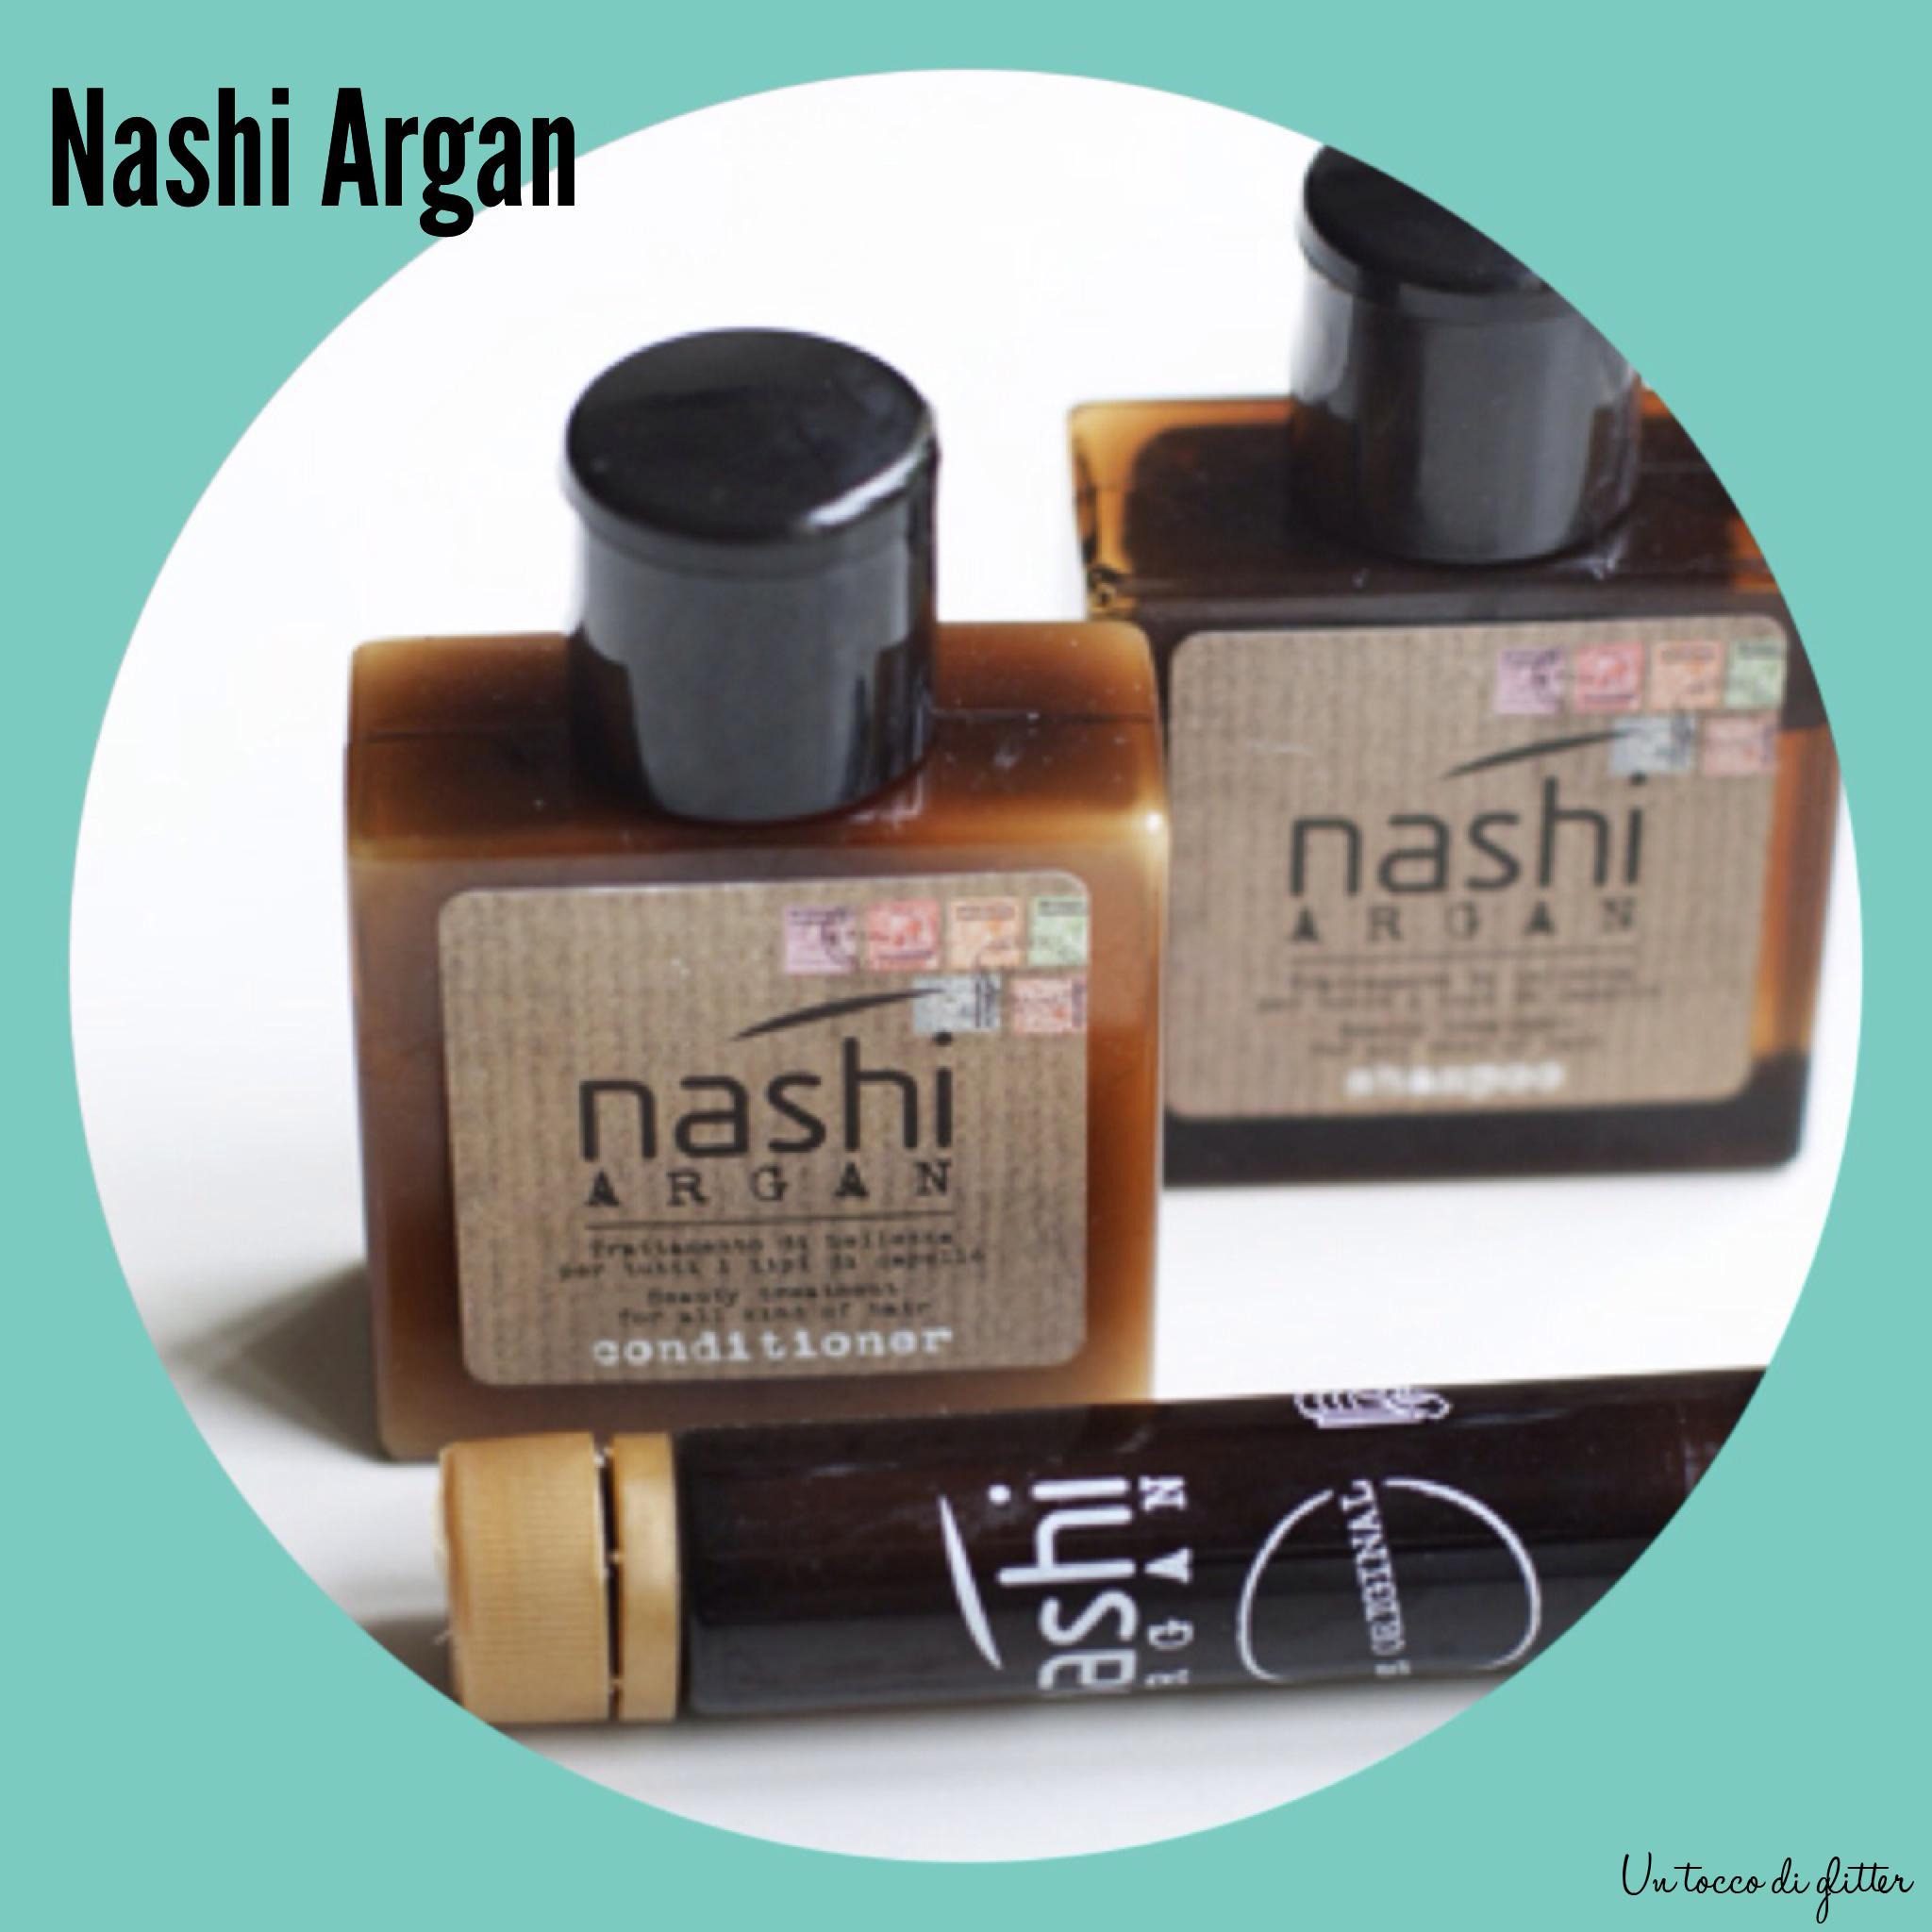 nashi argan blog